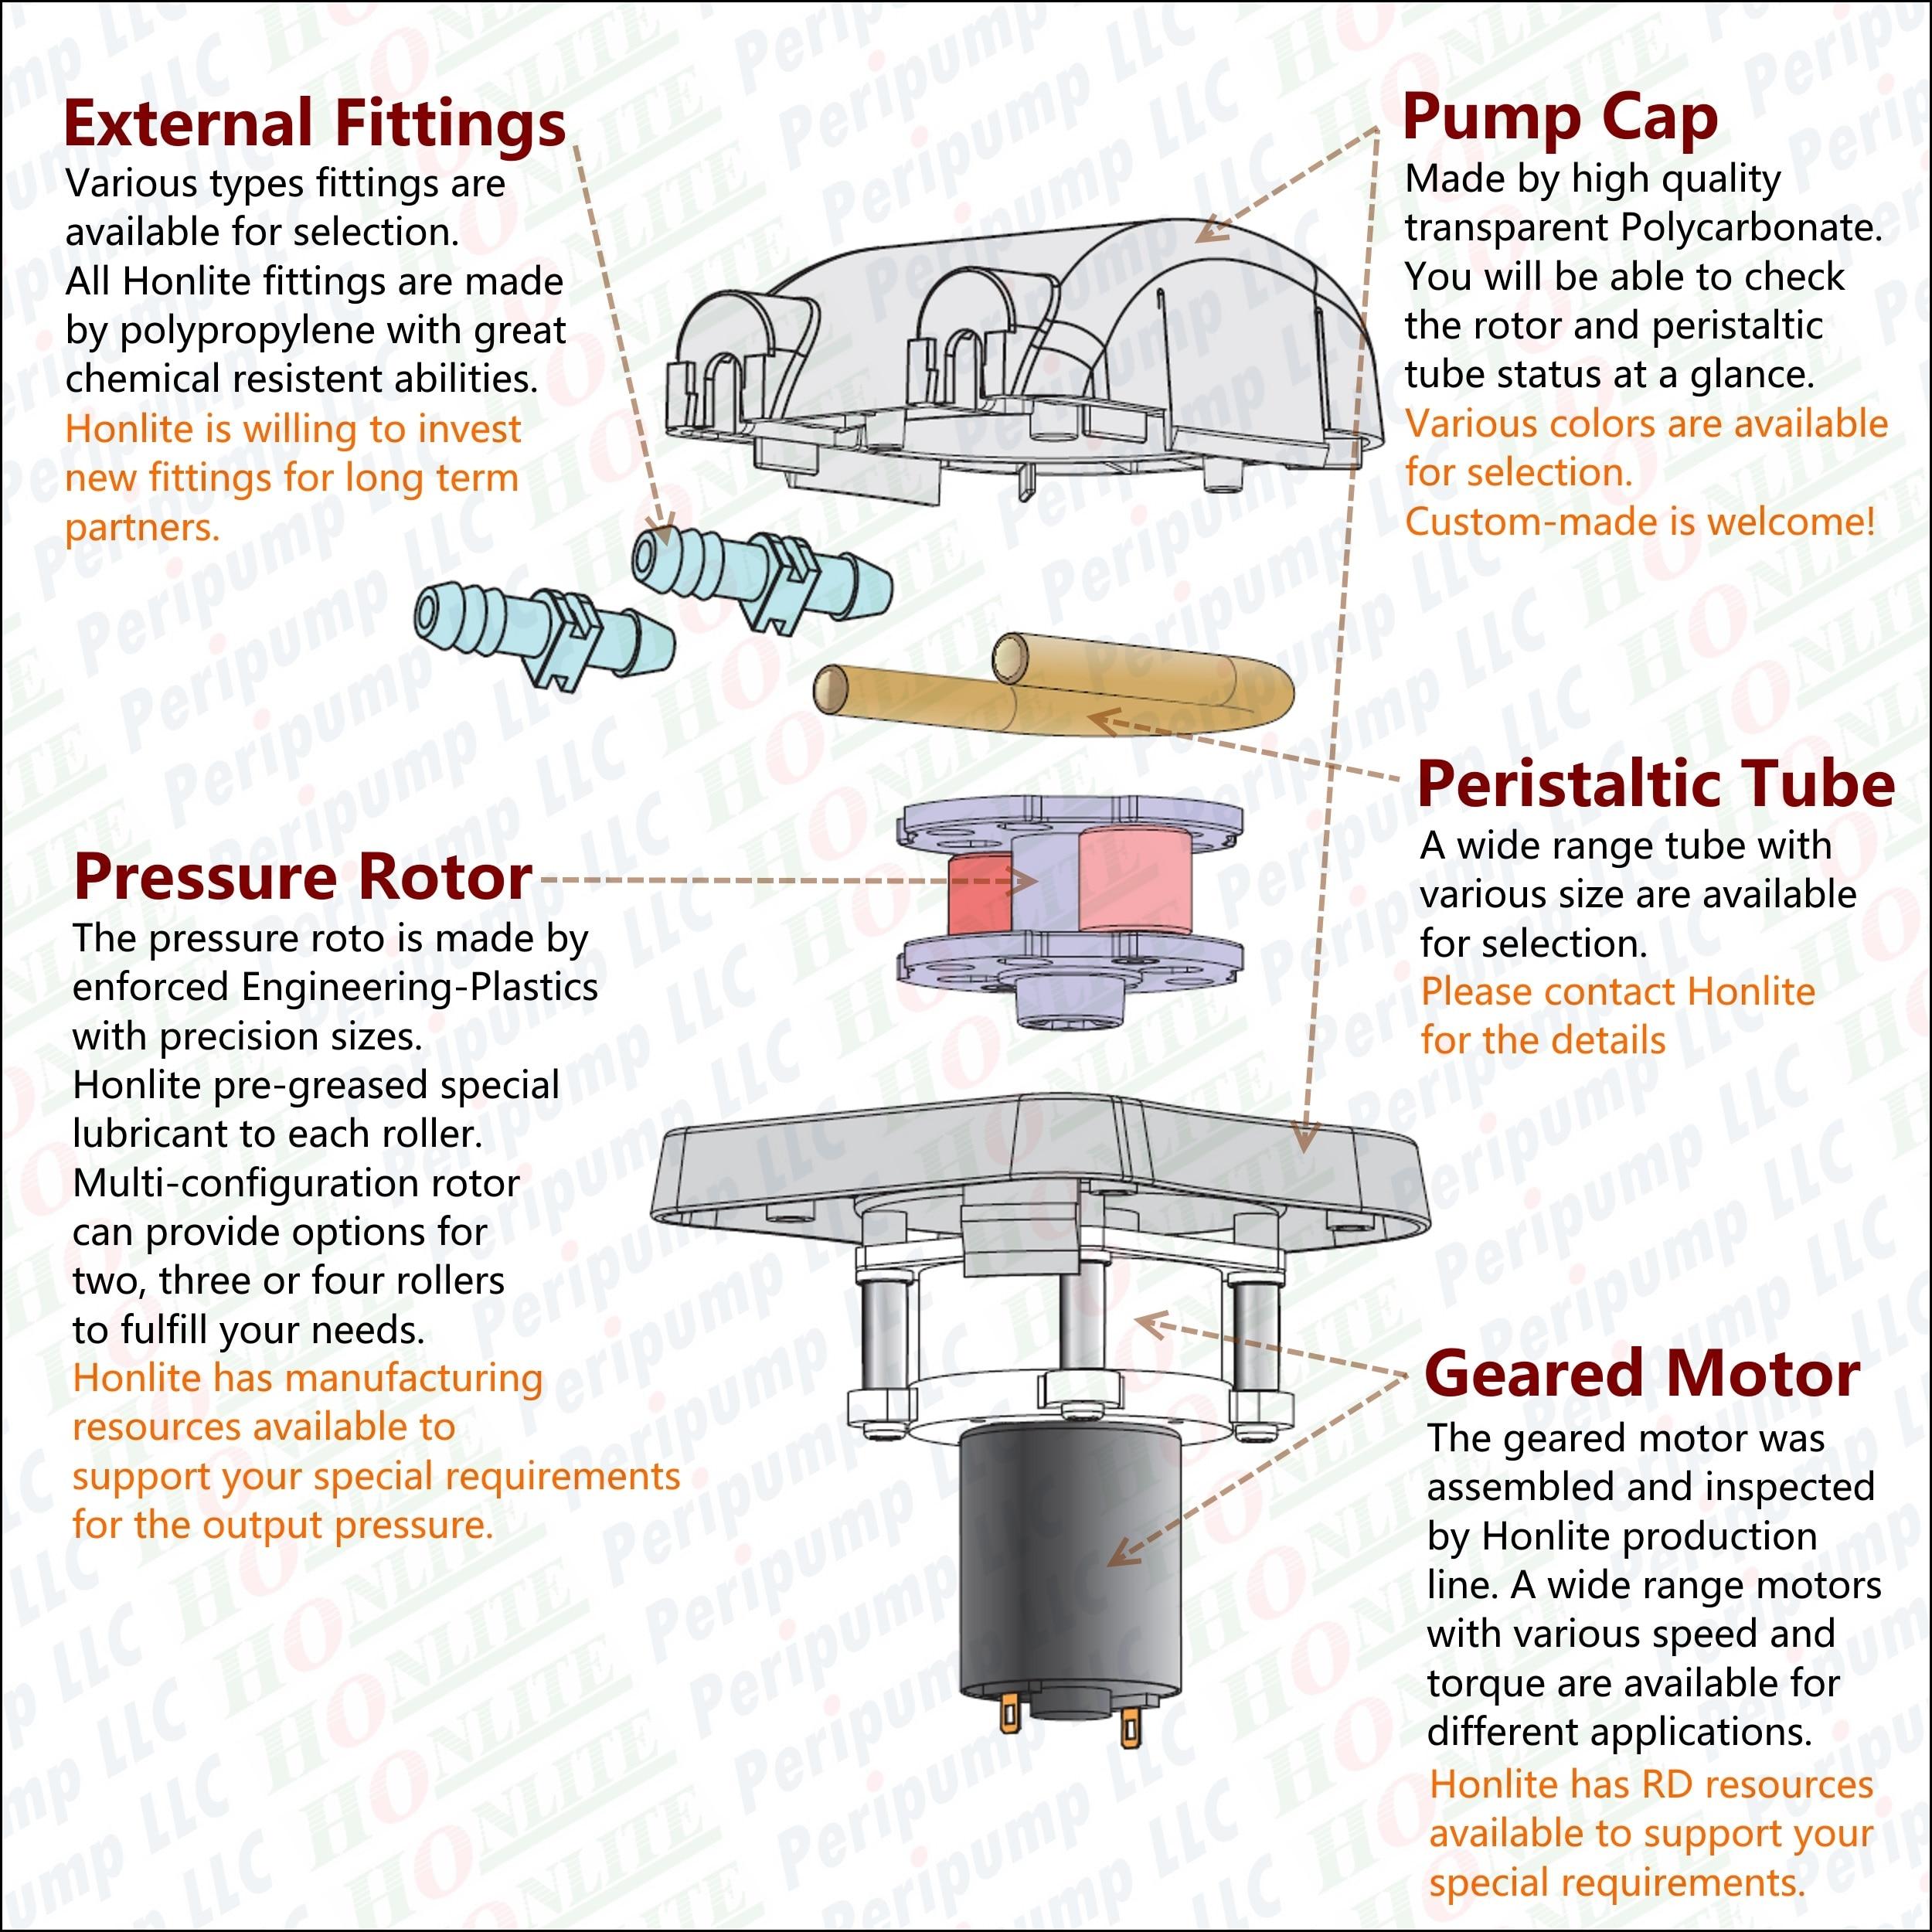 1000 мл/мин., 30psi, 12Vdc перистальтический насос со сменная насосная насадка в прозрачной и фармированной BPT перистальтической трубке